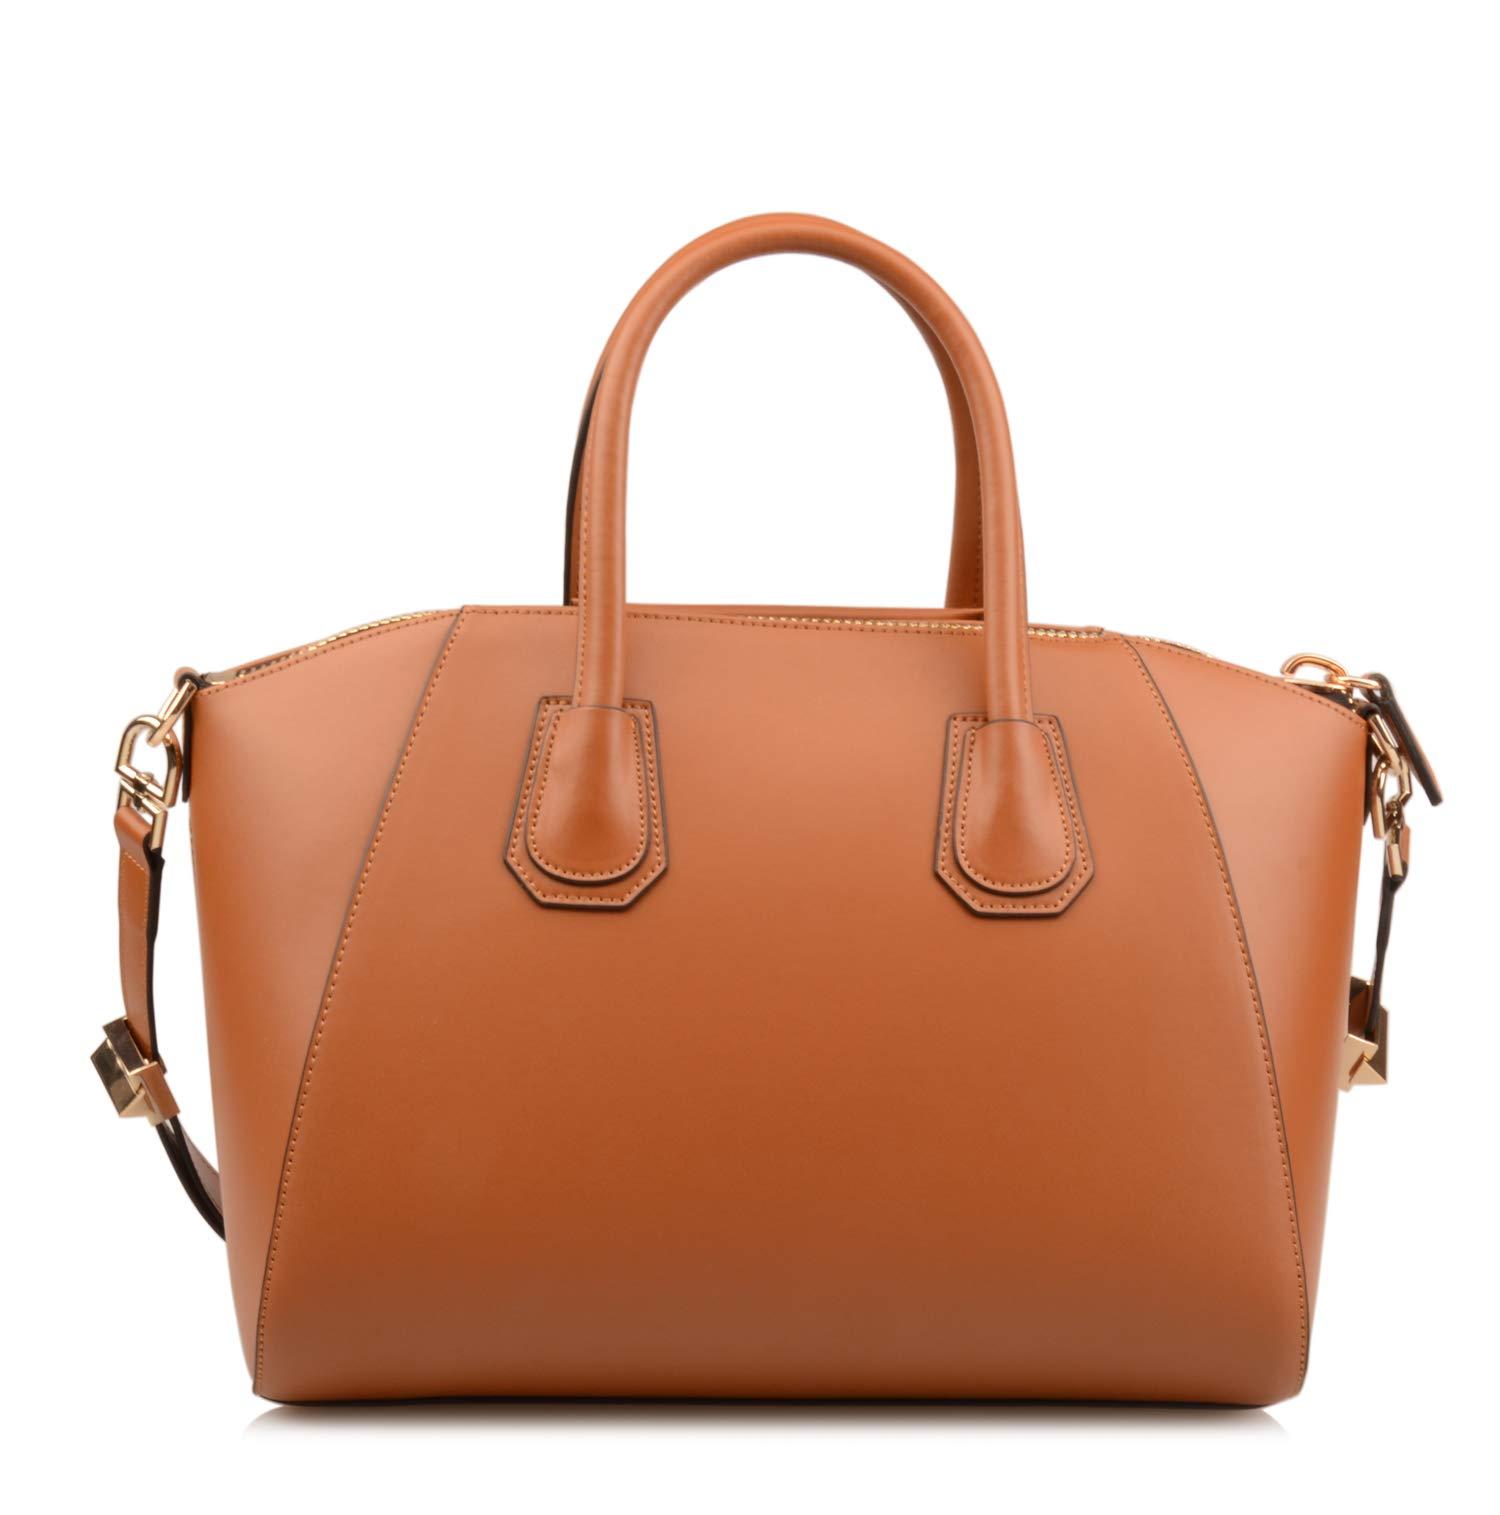 Ainifeel Women's Genuine Leather Simple Everyday Purse Top Handle Handbag Shoulder Handbags(Medium, Brown) by Ainifeel (Image #5)